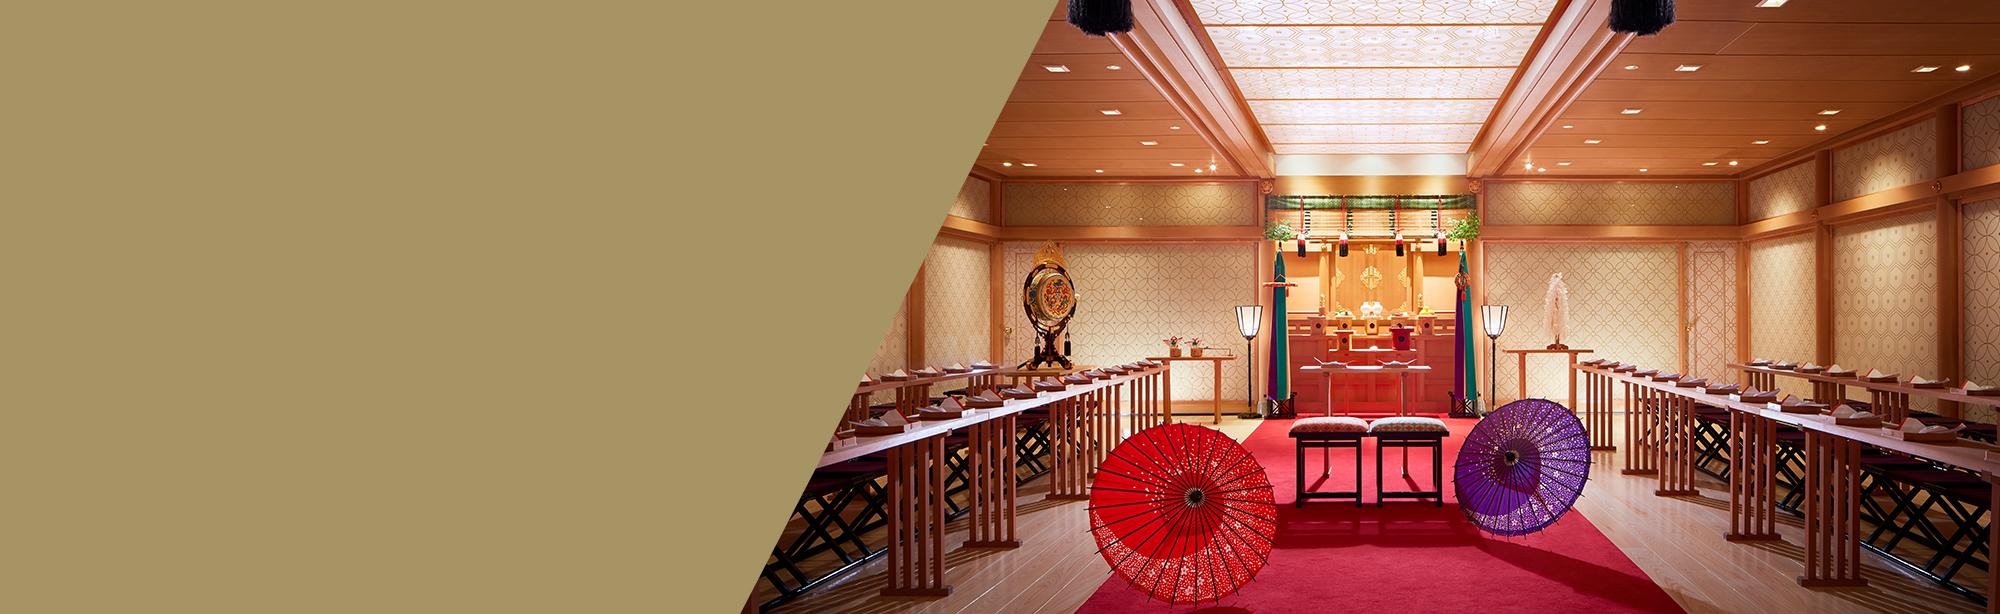 SHINDEN -神殿-